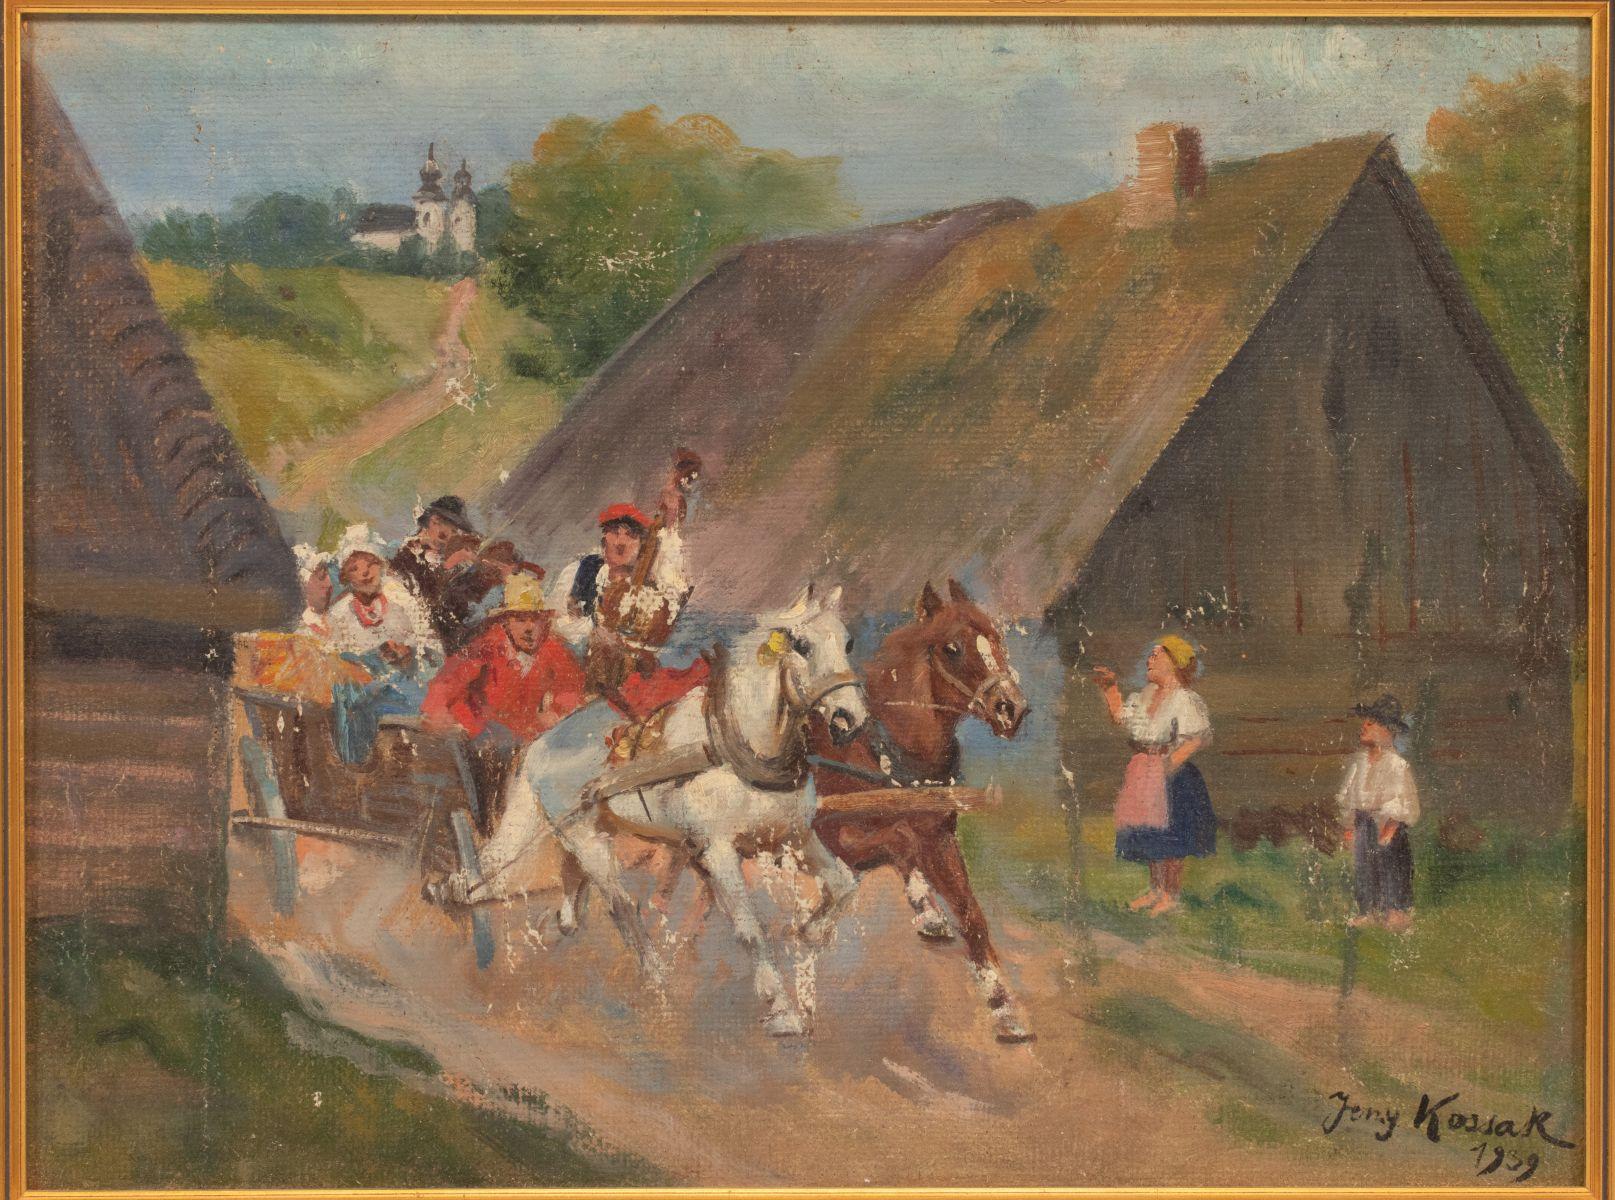 """Jerzy Kossak (1886-1955) """"Wesele krakowskie"""", źródło: DuMouchelles"""